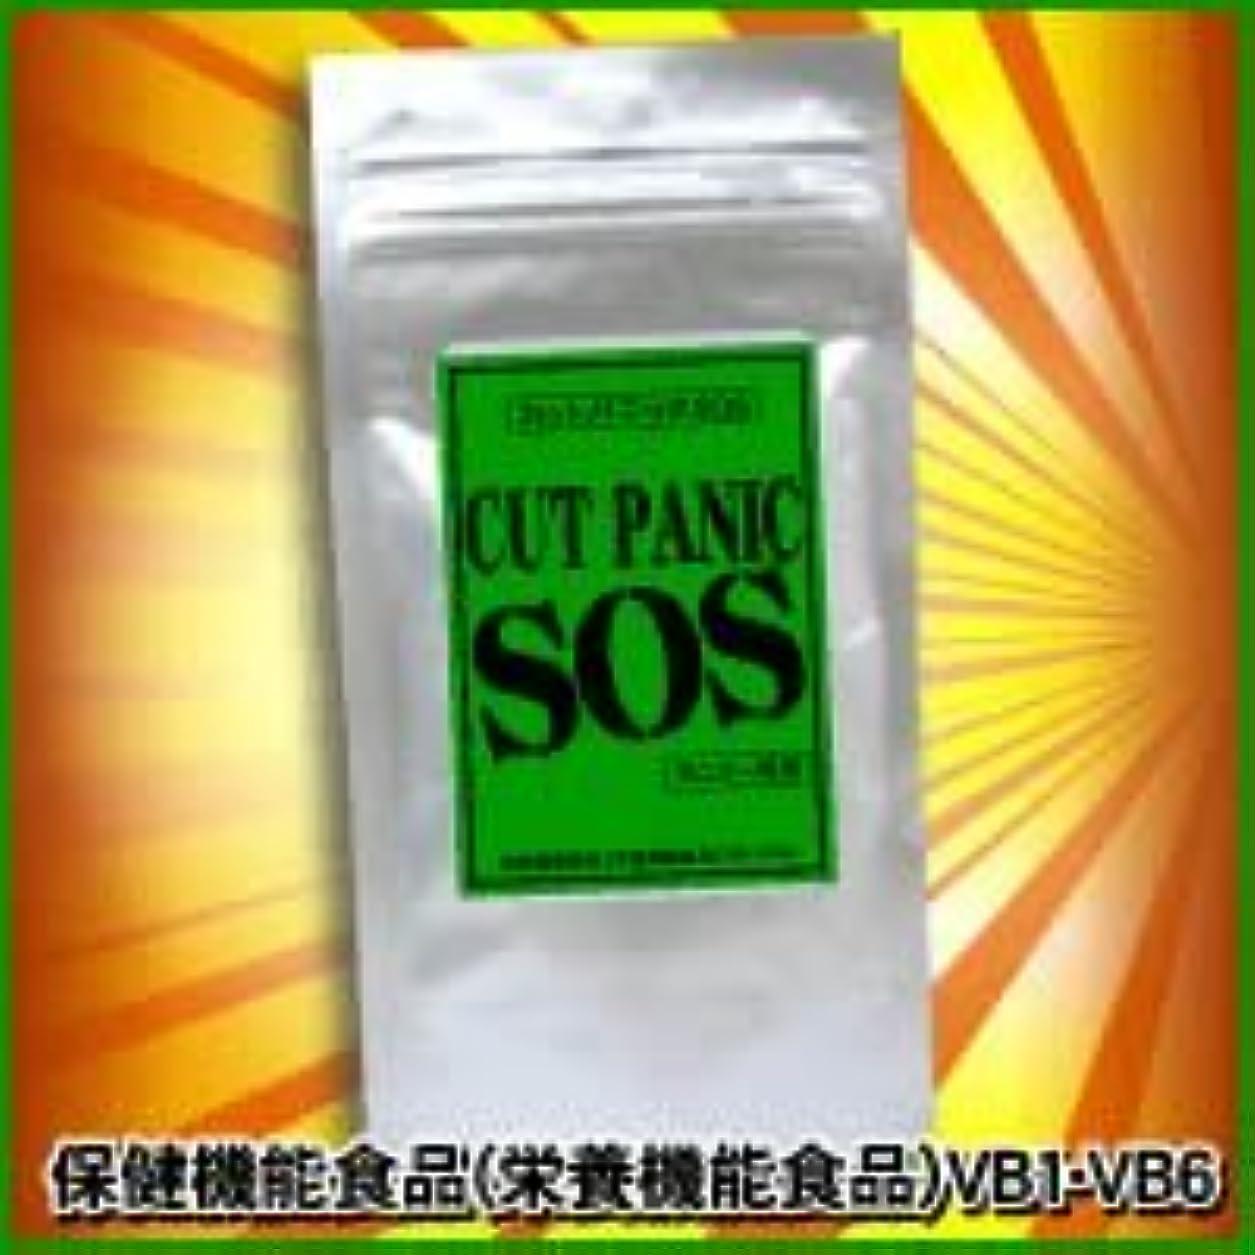 パイプ専門知識容器パニックSOS シリーズ (カット)